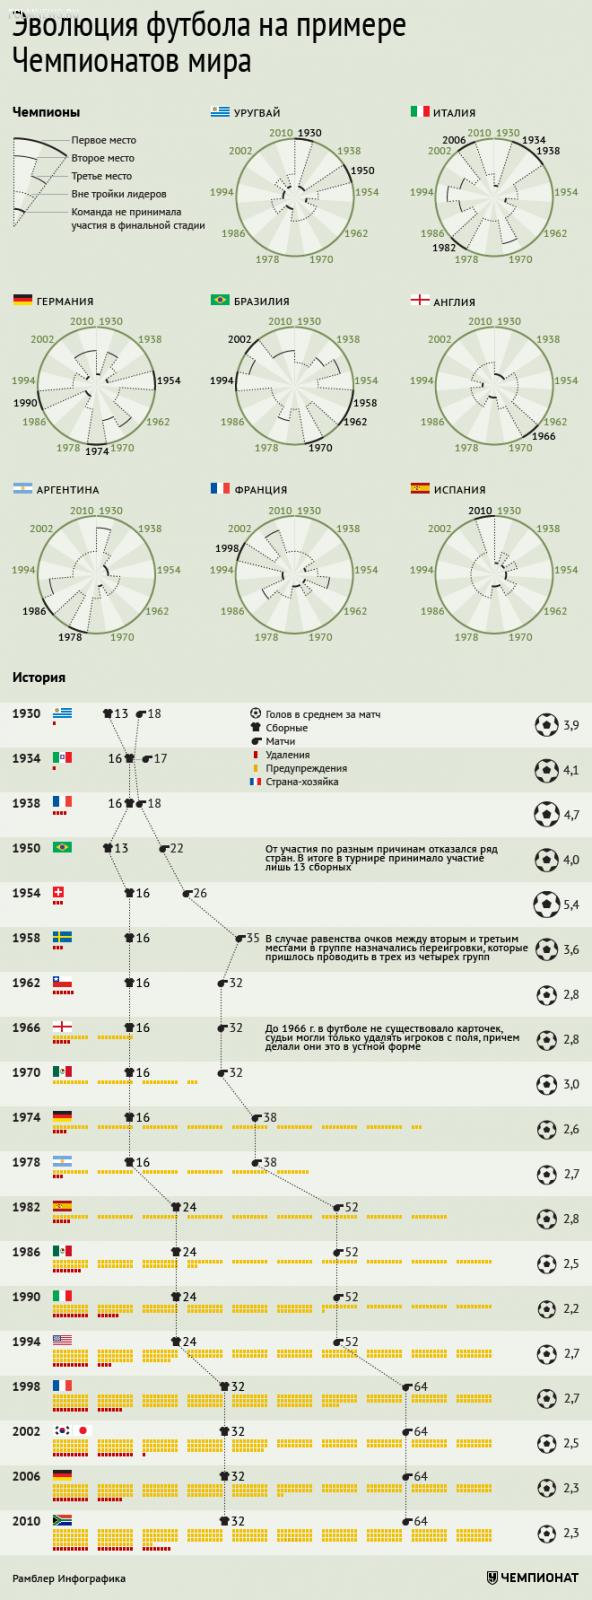 Эволюция футбола на примере чемпионатов мира